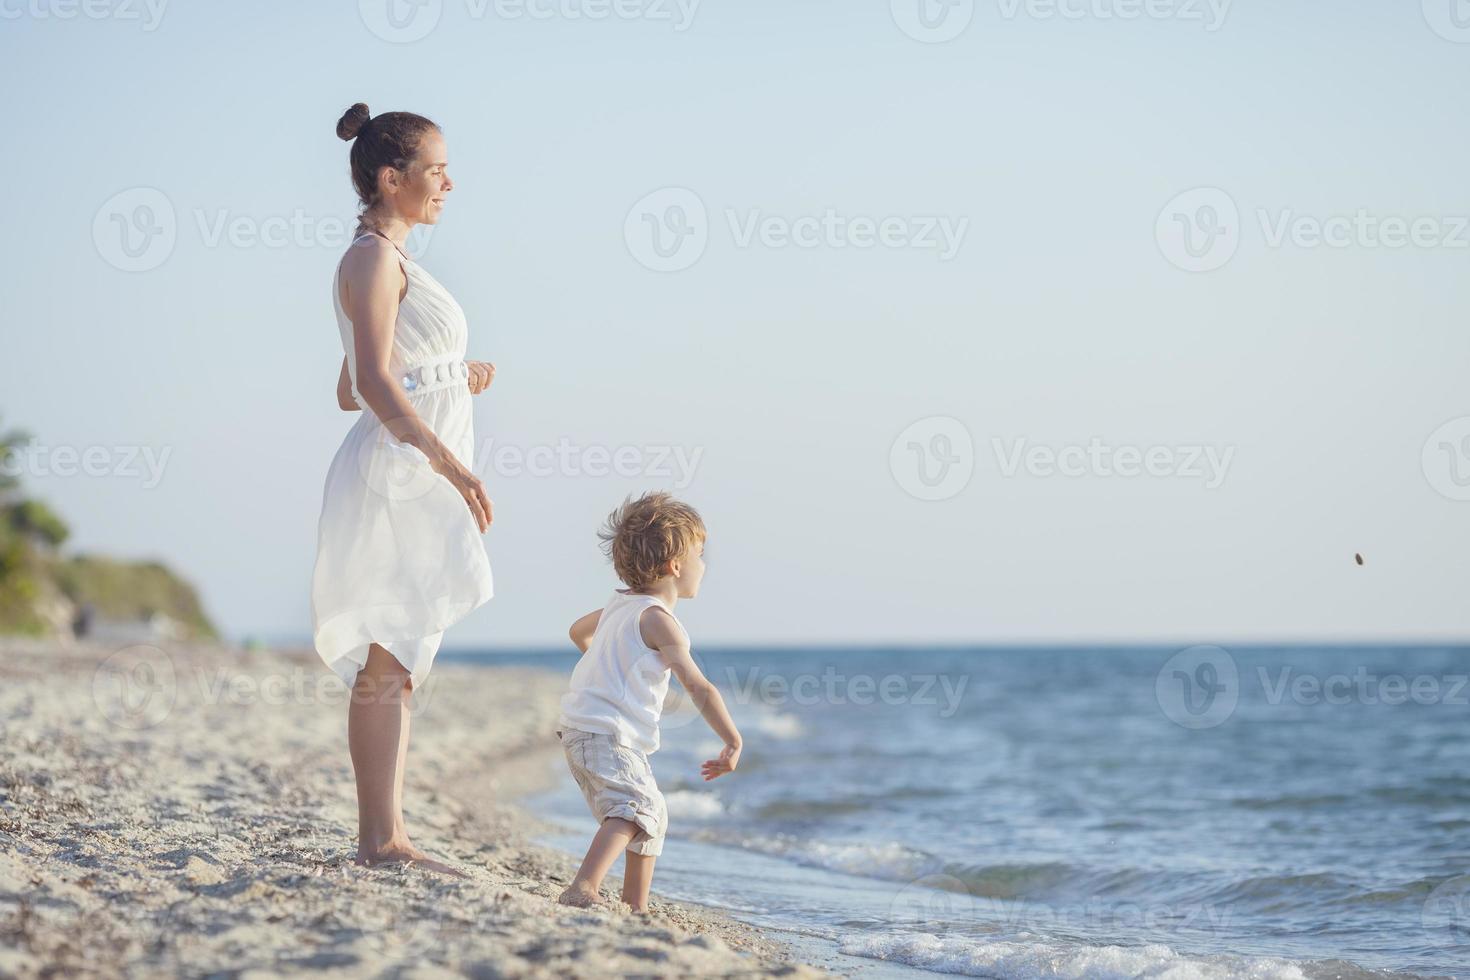 Spielen mit Skimming Steinen am Strand foto